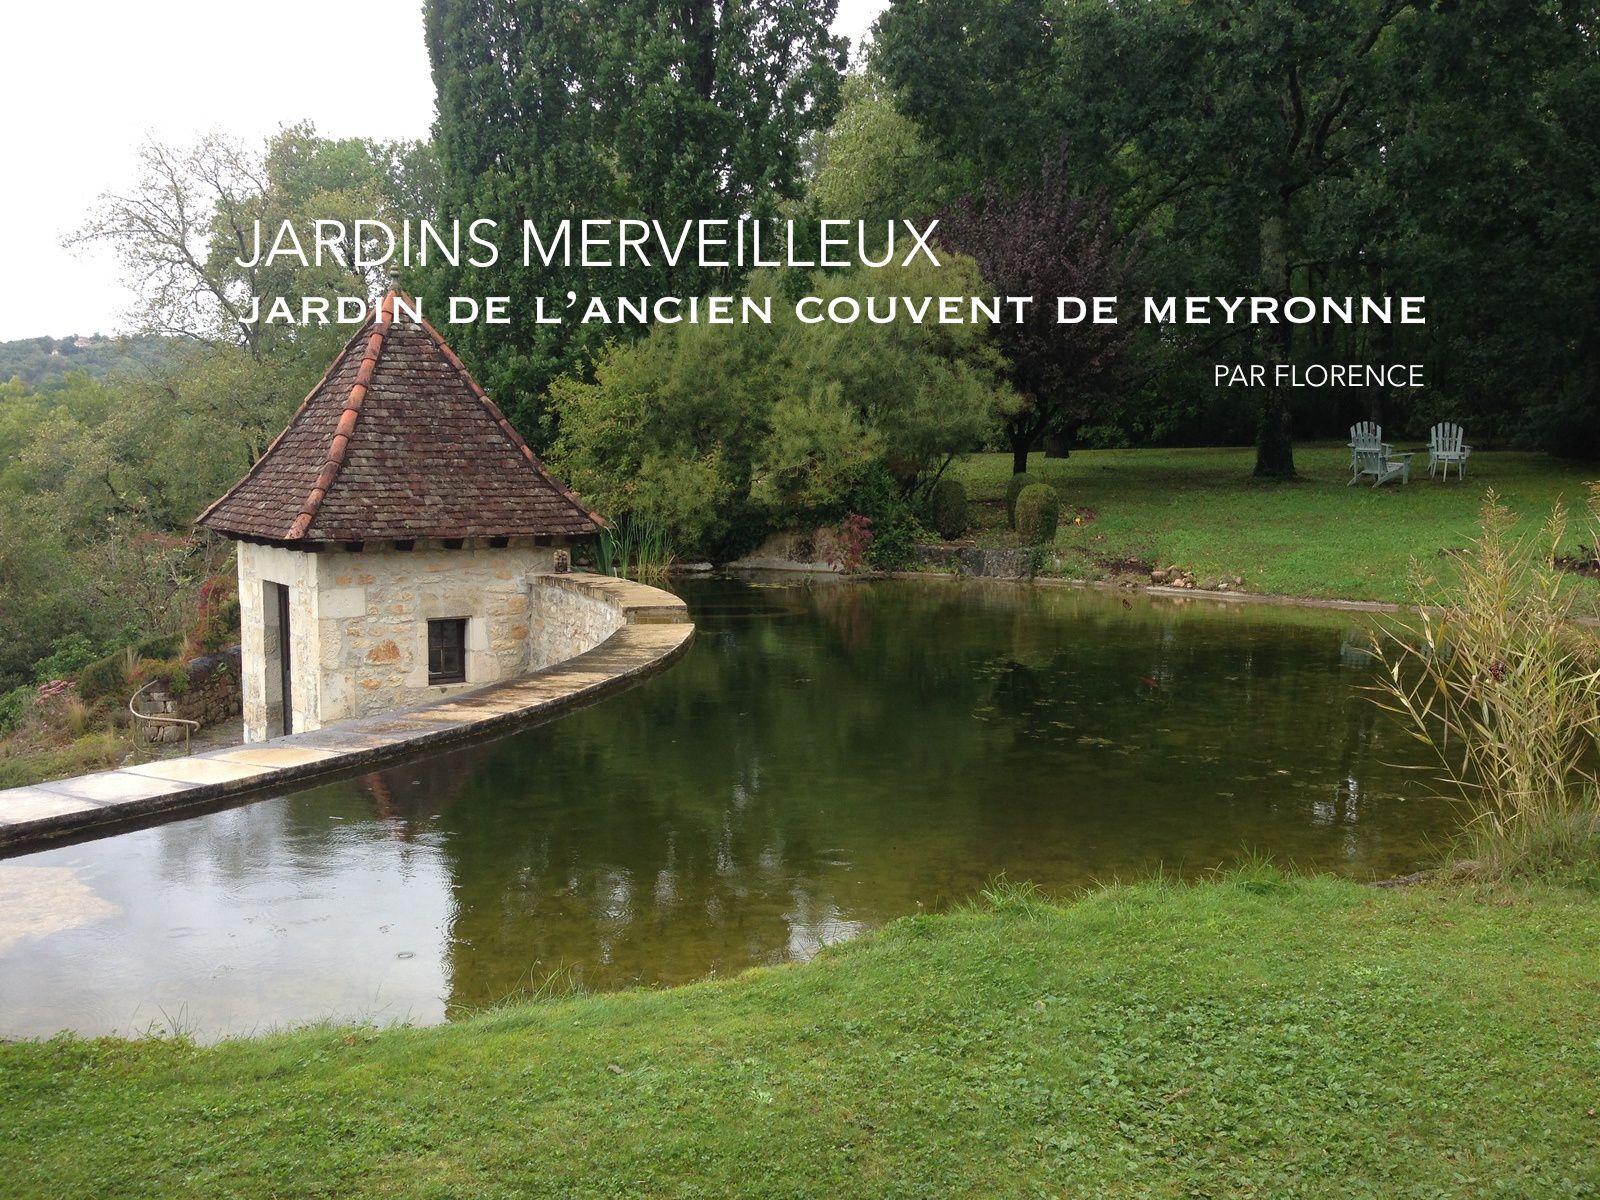 Le Jardin de l'ancien couvent de Meyronne - Lot